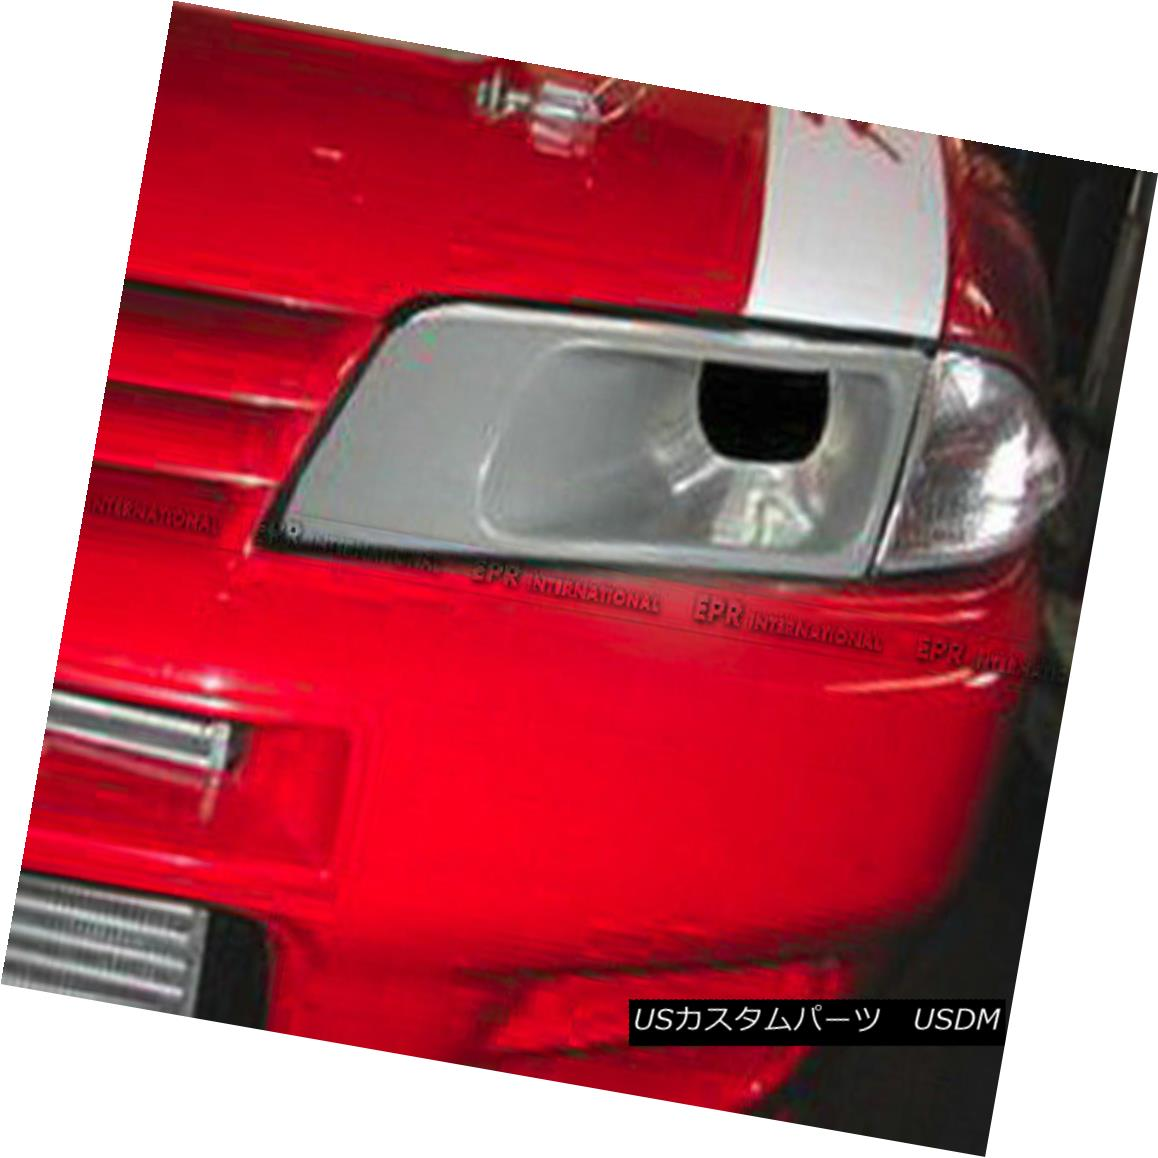 エアロパーツ AER FRP For Skyline R32 GTR GTS Vented Headlight Replacement Air Duct Intake LHS スカイラインR32 GTR GTSベント付きヘッドライト交換用エアーダクト吸入LHS用AER FRP